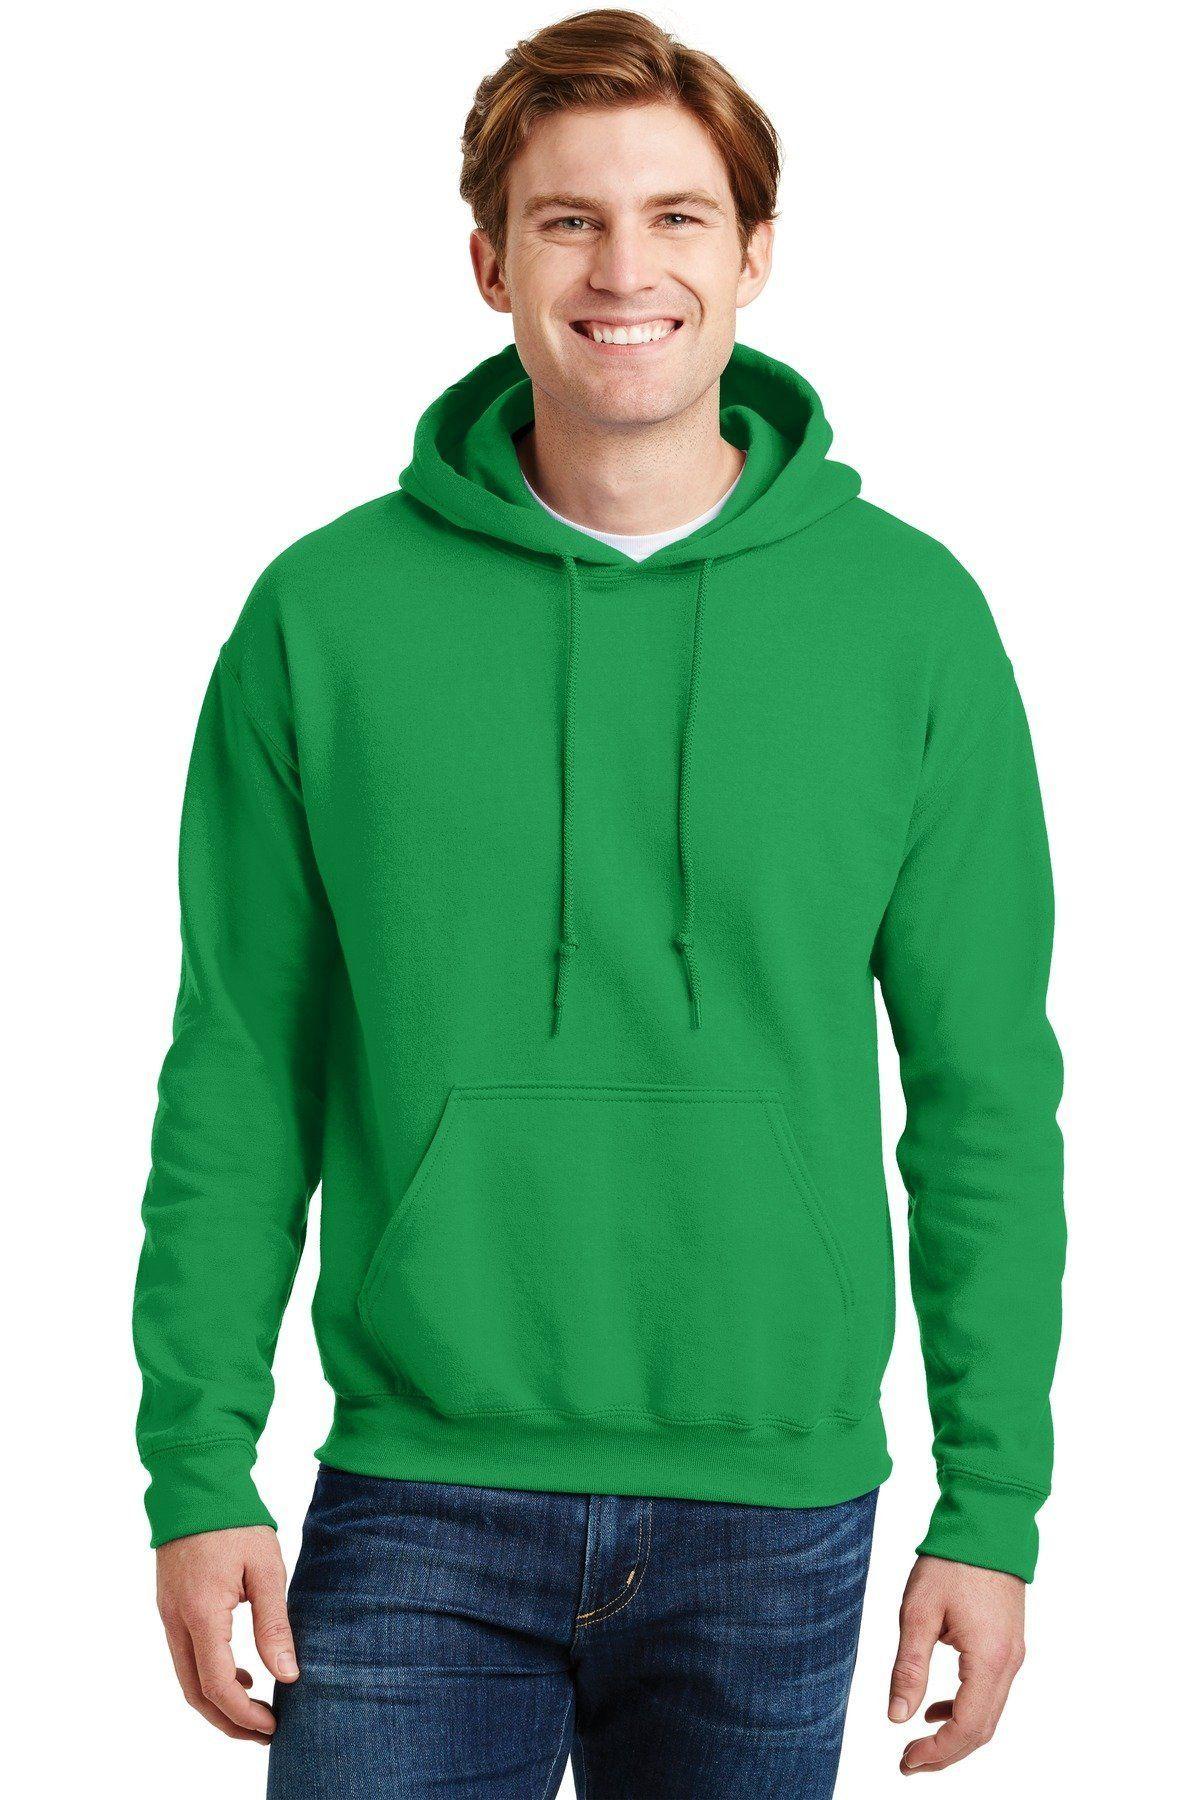 Gildan DryBlend Mens Hoodie Hooded Sweatshirt Hood Hoody S-3XL 12500